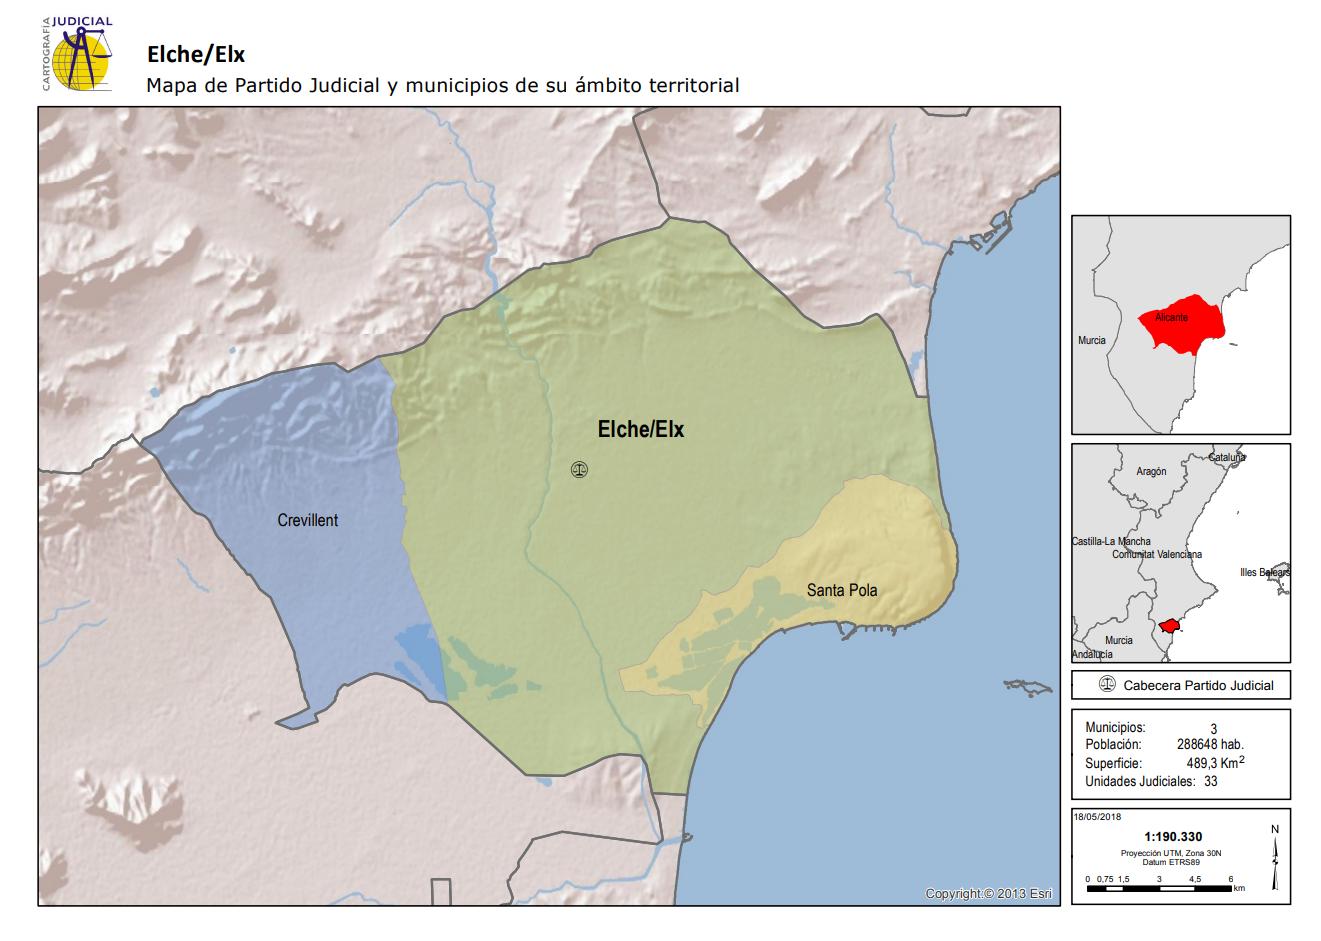 Elche/Elx Mapa de Partido Judicial y municipios de su ámbito territorial